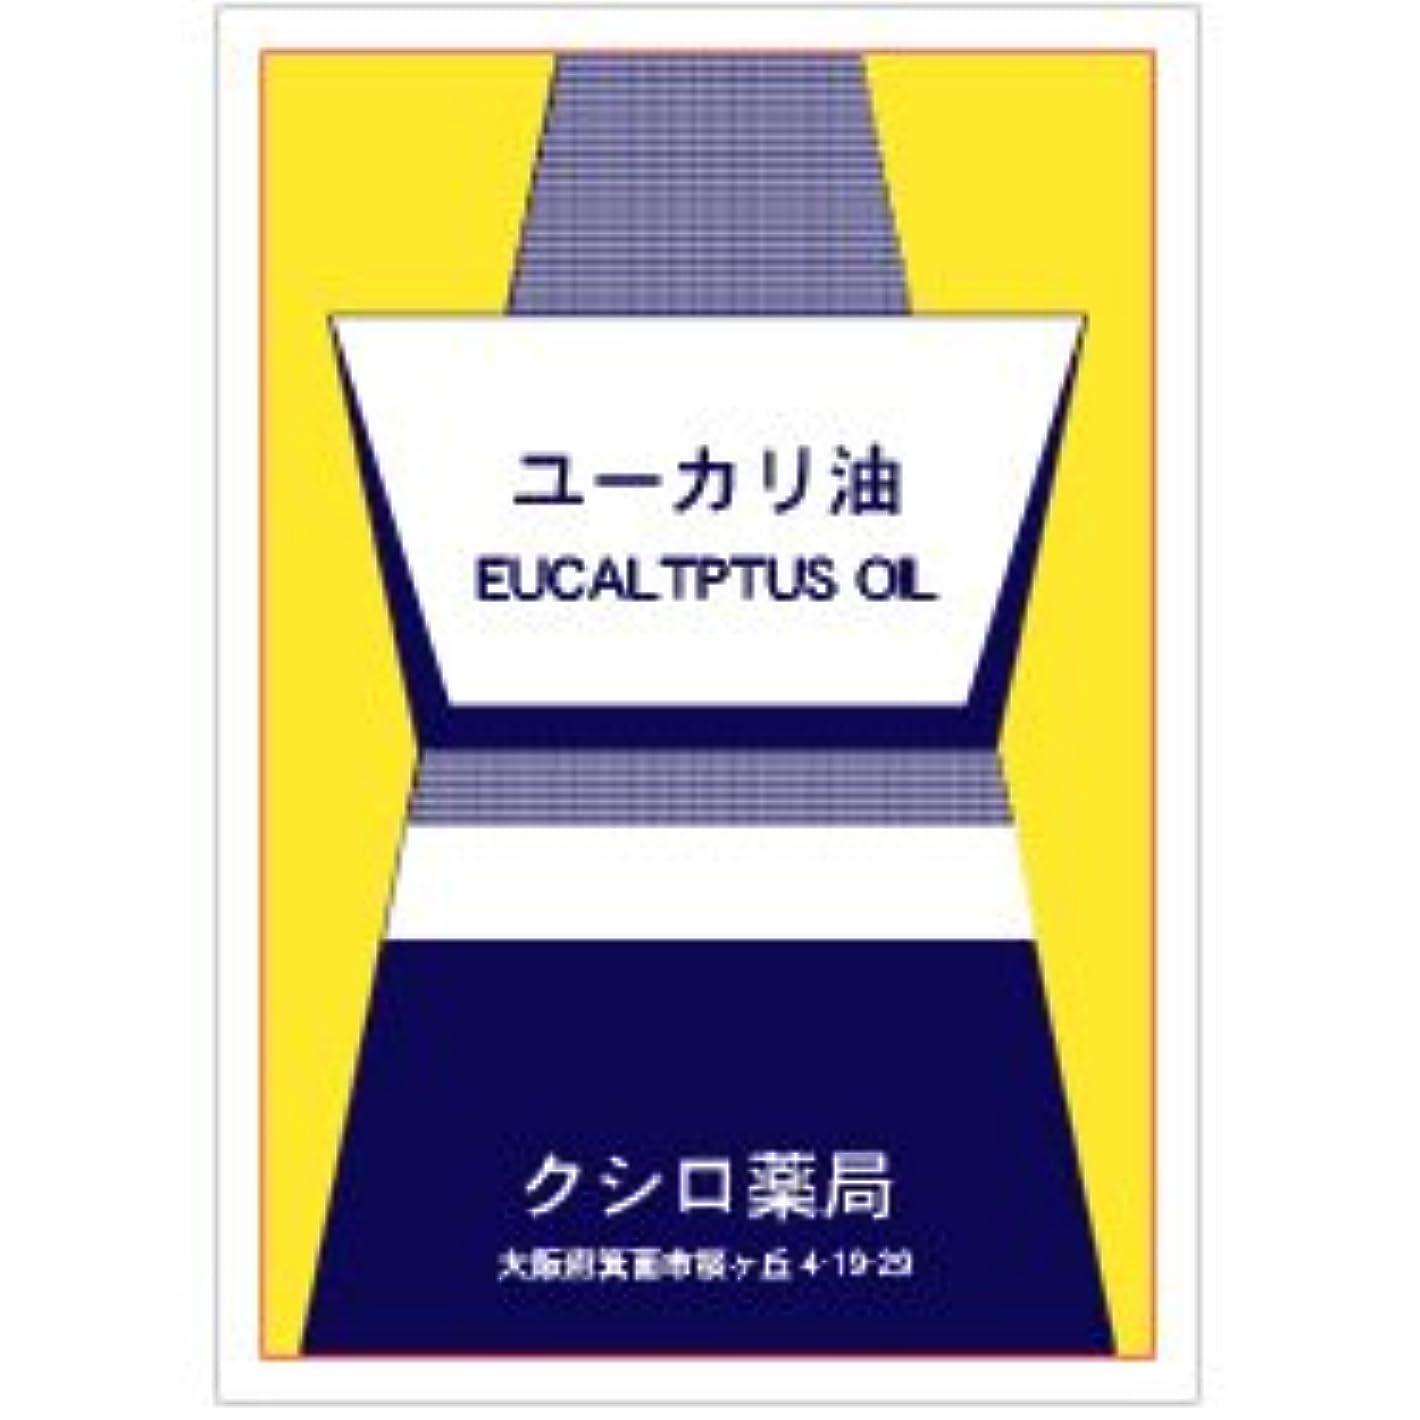 シソーラス囲む忍耐ユーカリ油 50mL [Eucalyptus Oil]